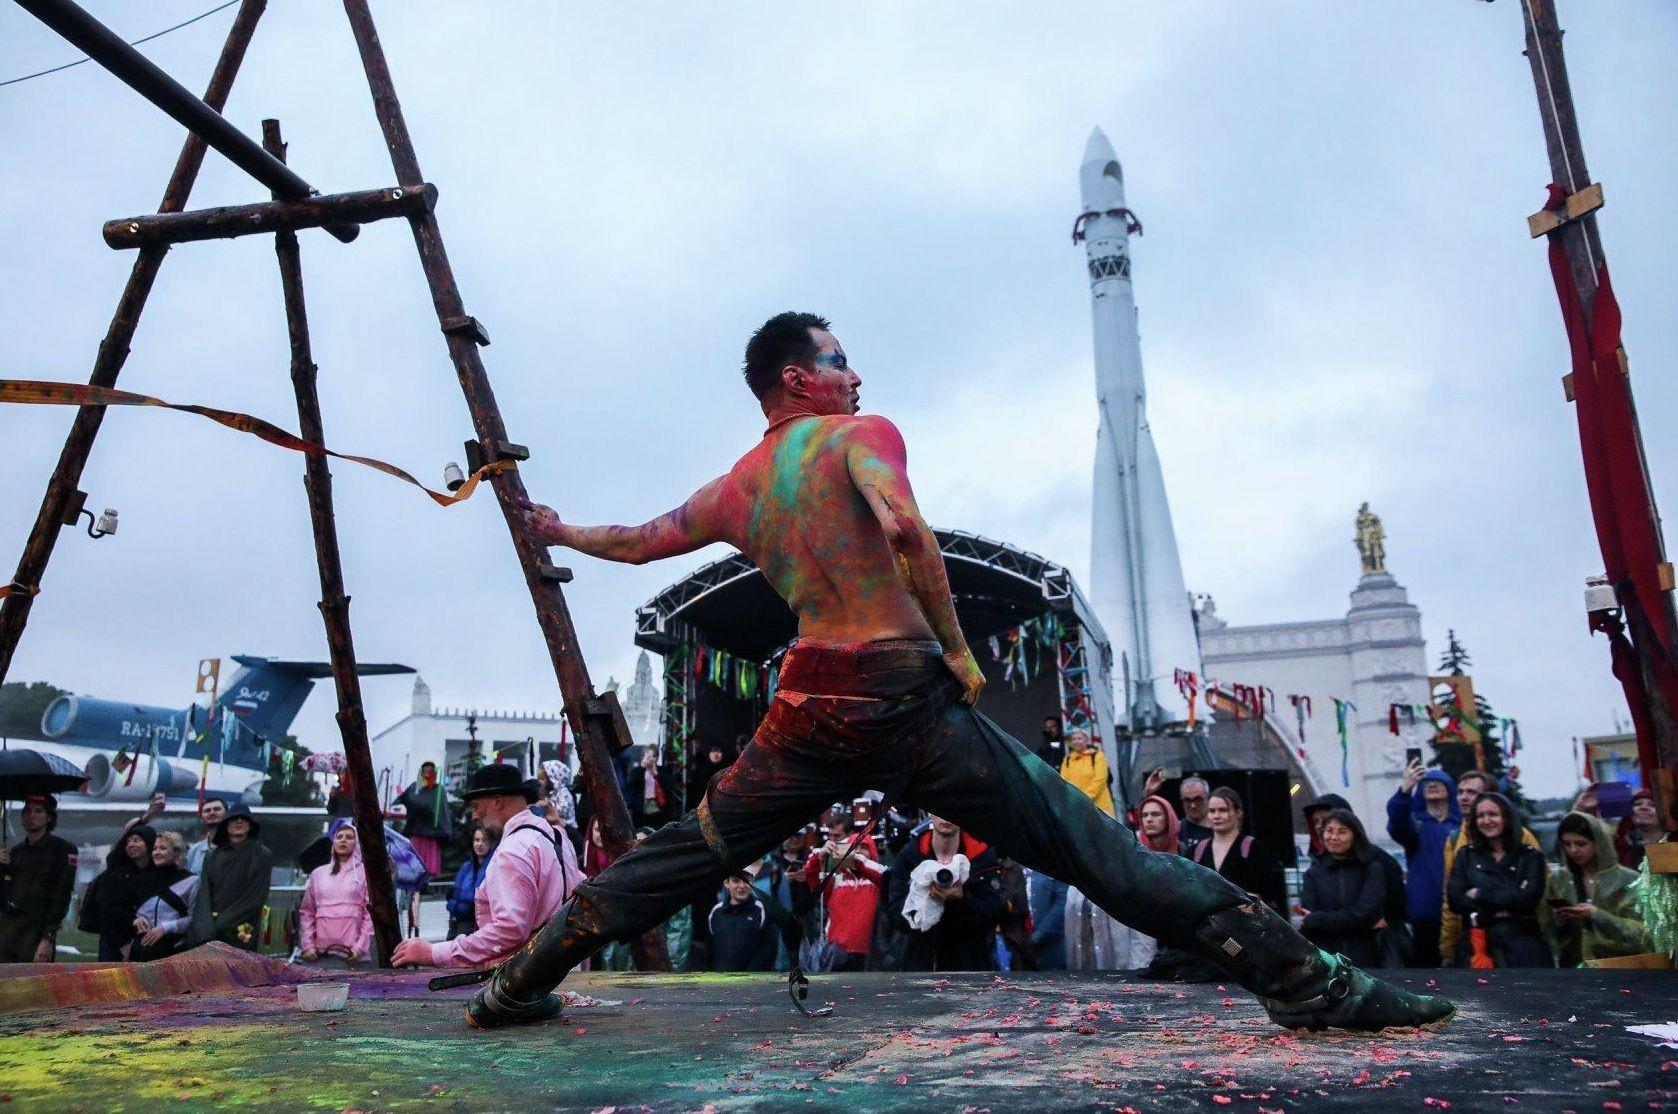 Театр ARTиШОК сыграл спектакль Байконур на фестивале Вдохновение на ВДНХ в Москве